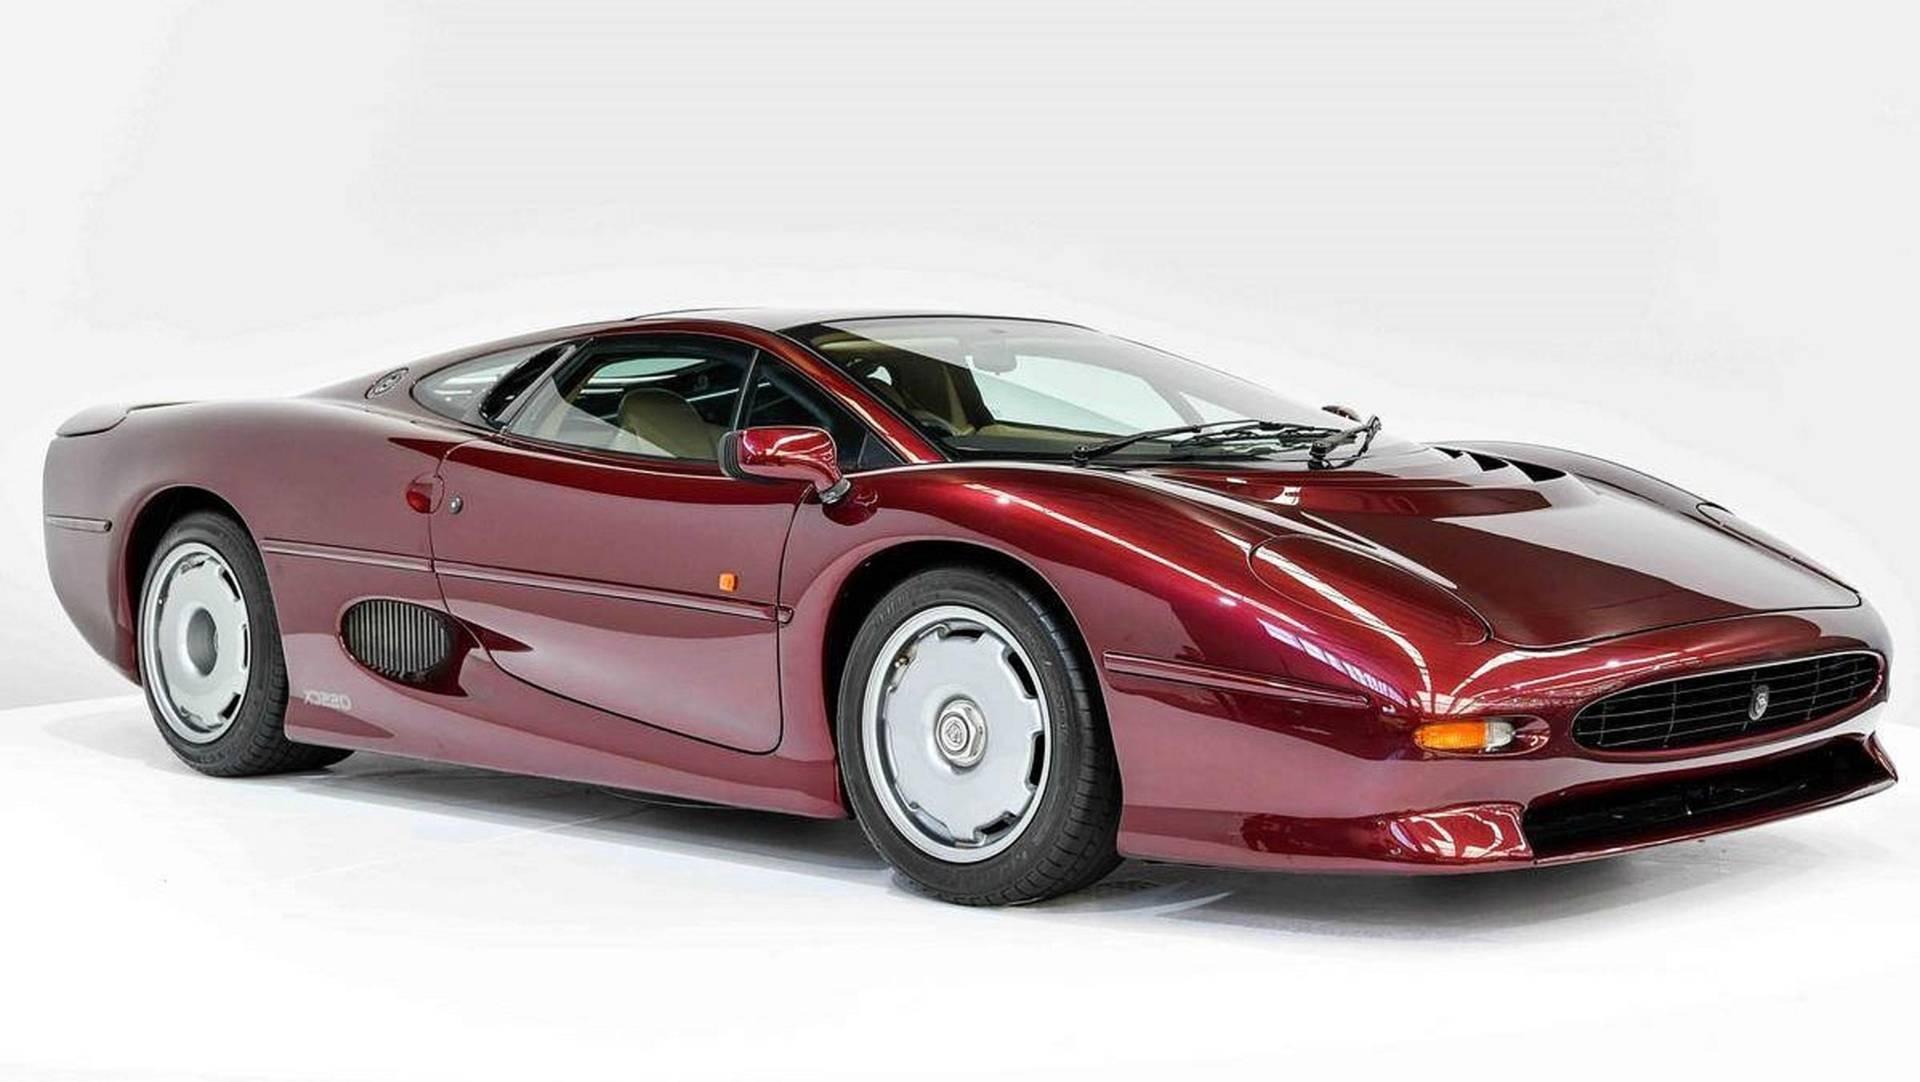 Jaguar Xj220 For Sale >> Pristine Jaguar Xj220 For Sale In Oz